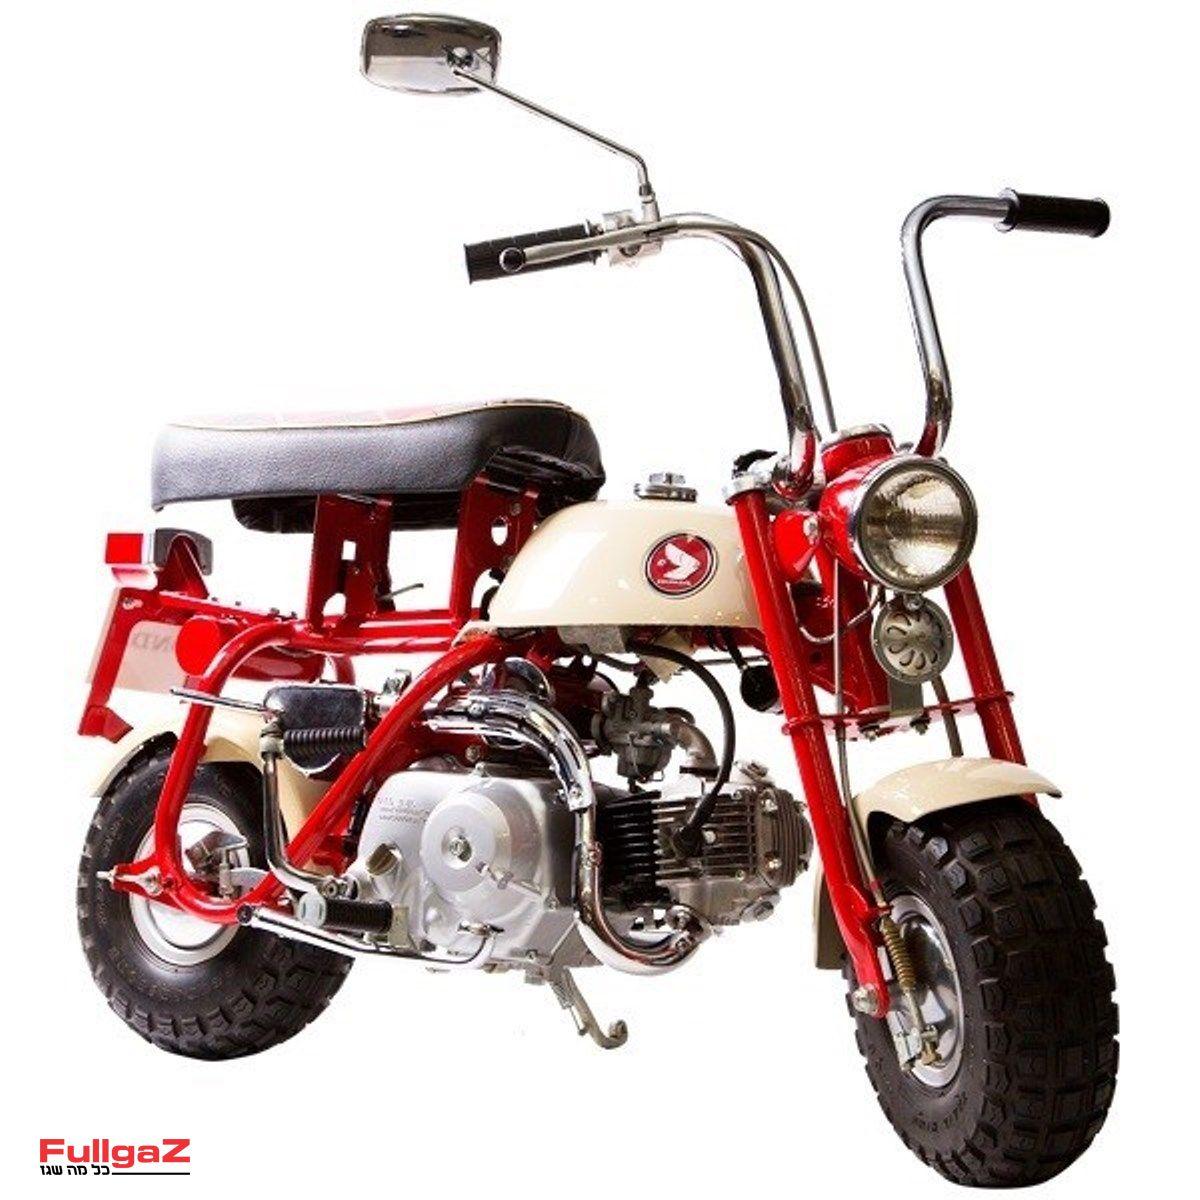 1967 Monkey